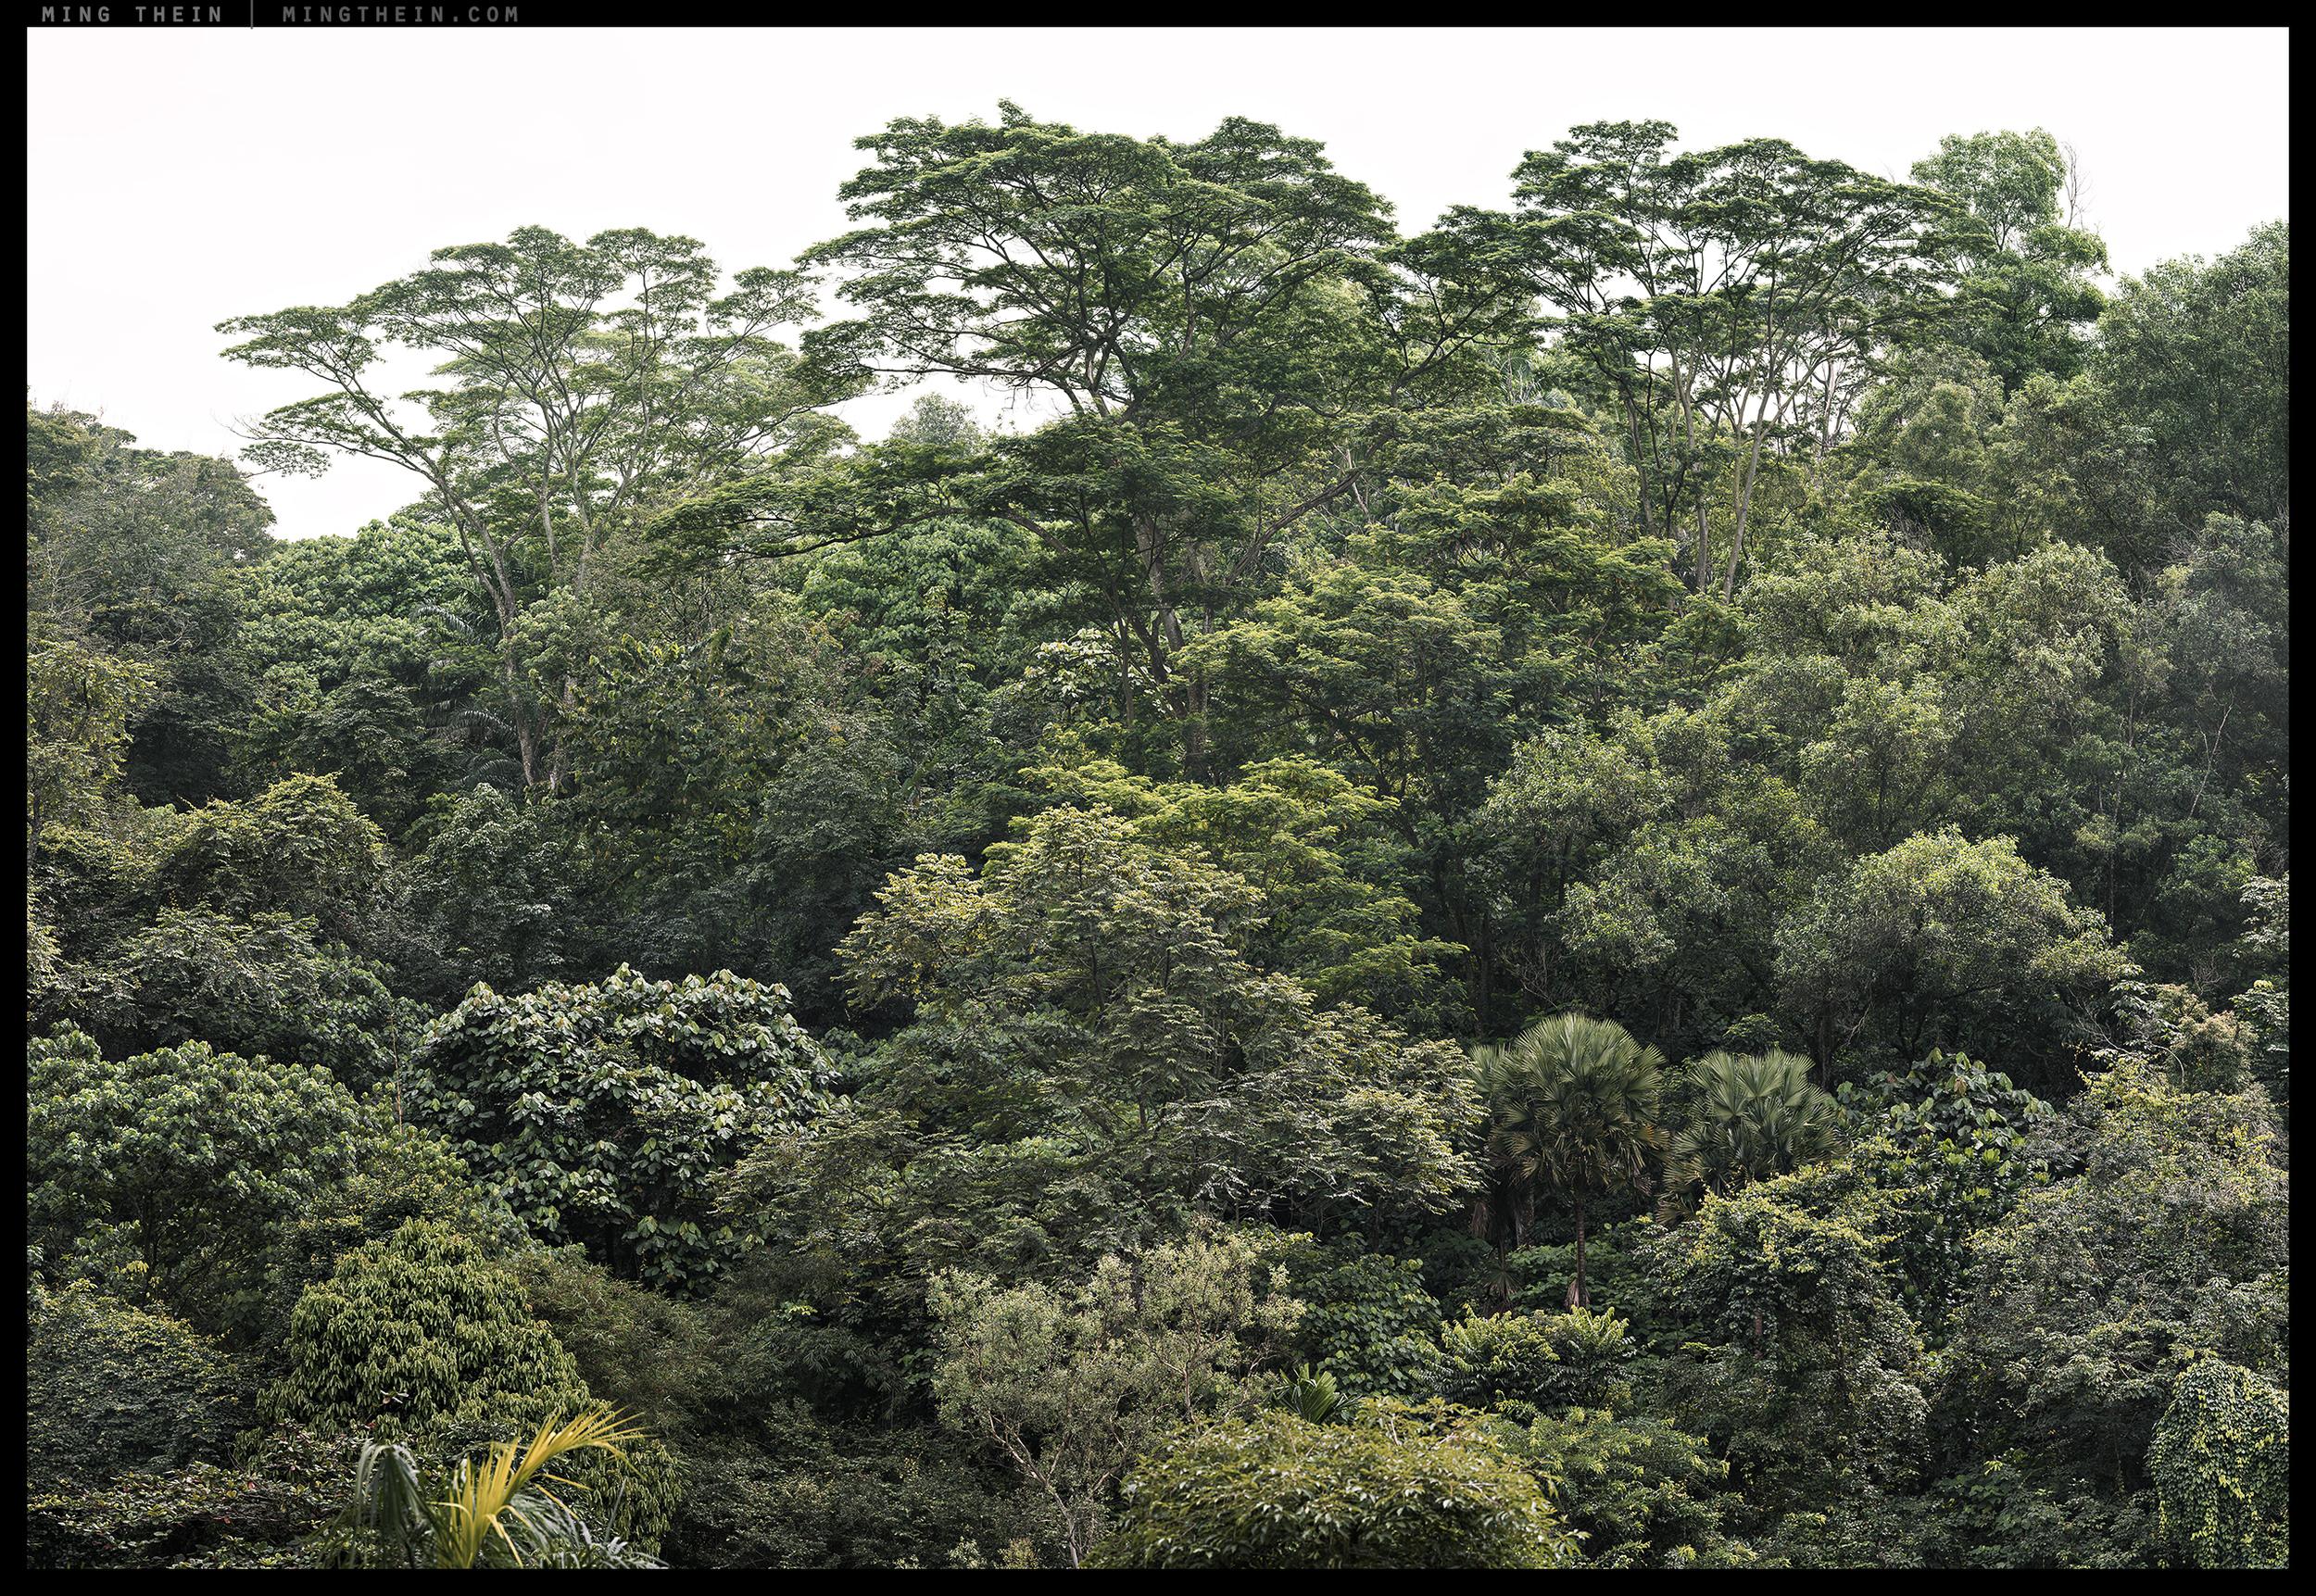 _8B13066-149 v2 forest XIV 20k.jpg